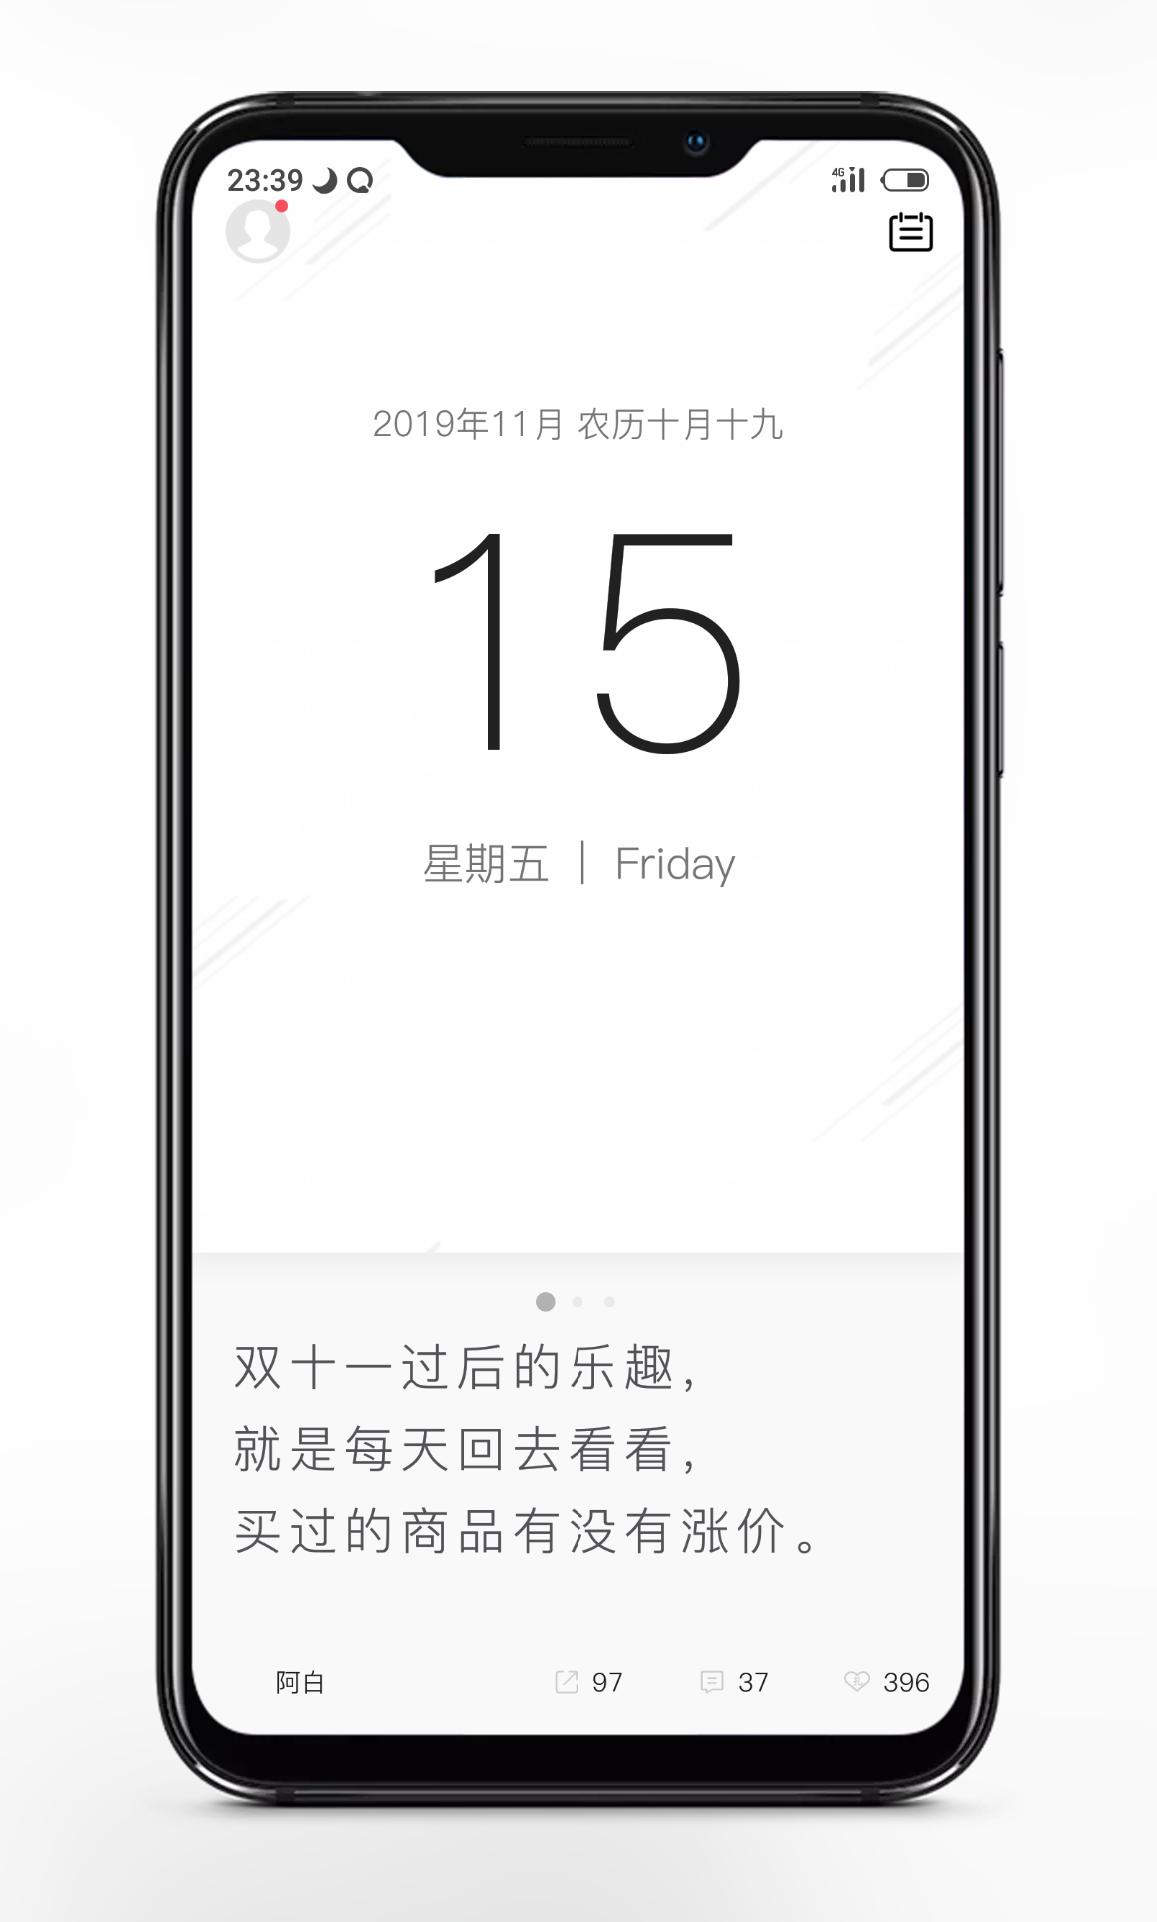 【分享】毒汤日历v3.0.1-爱小助